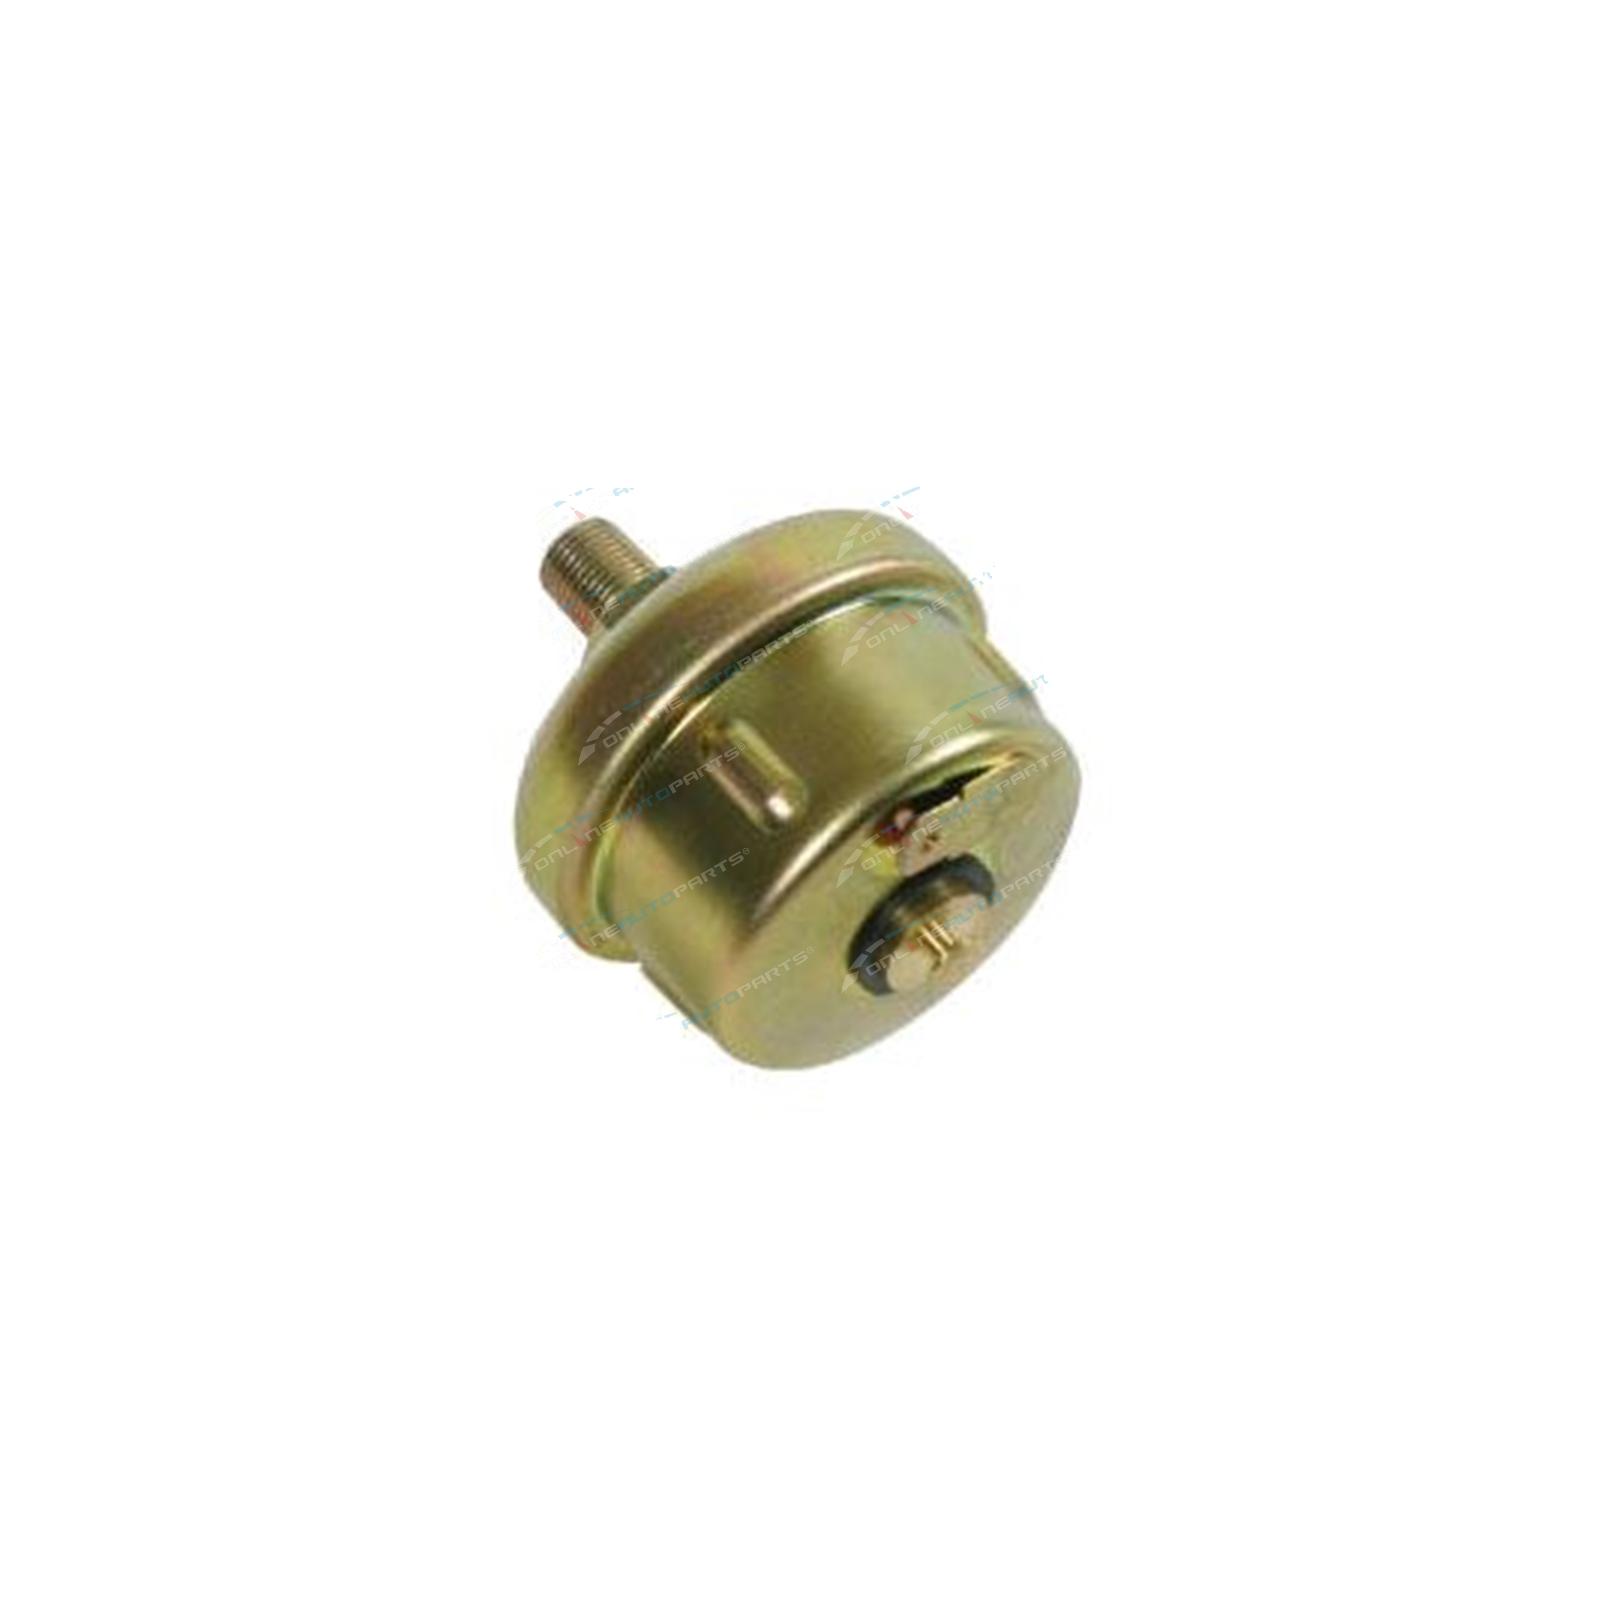 oil pressure gauge sender oem replacement oem replacement oil pressure gauge sender oem replacement